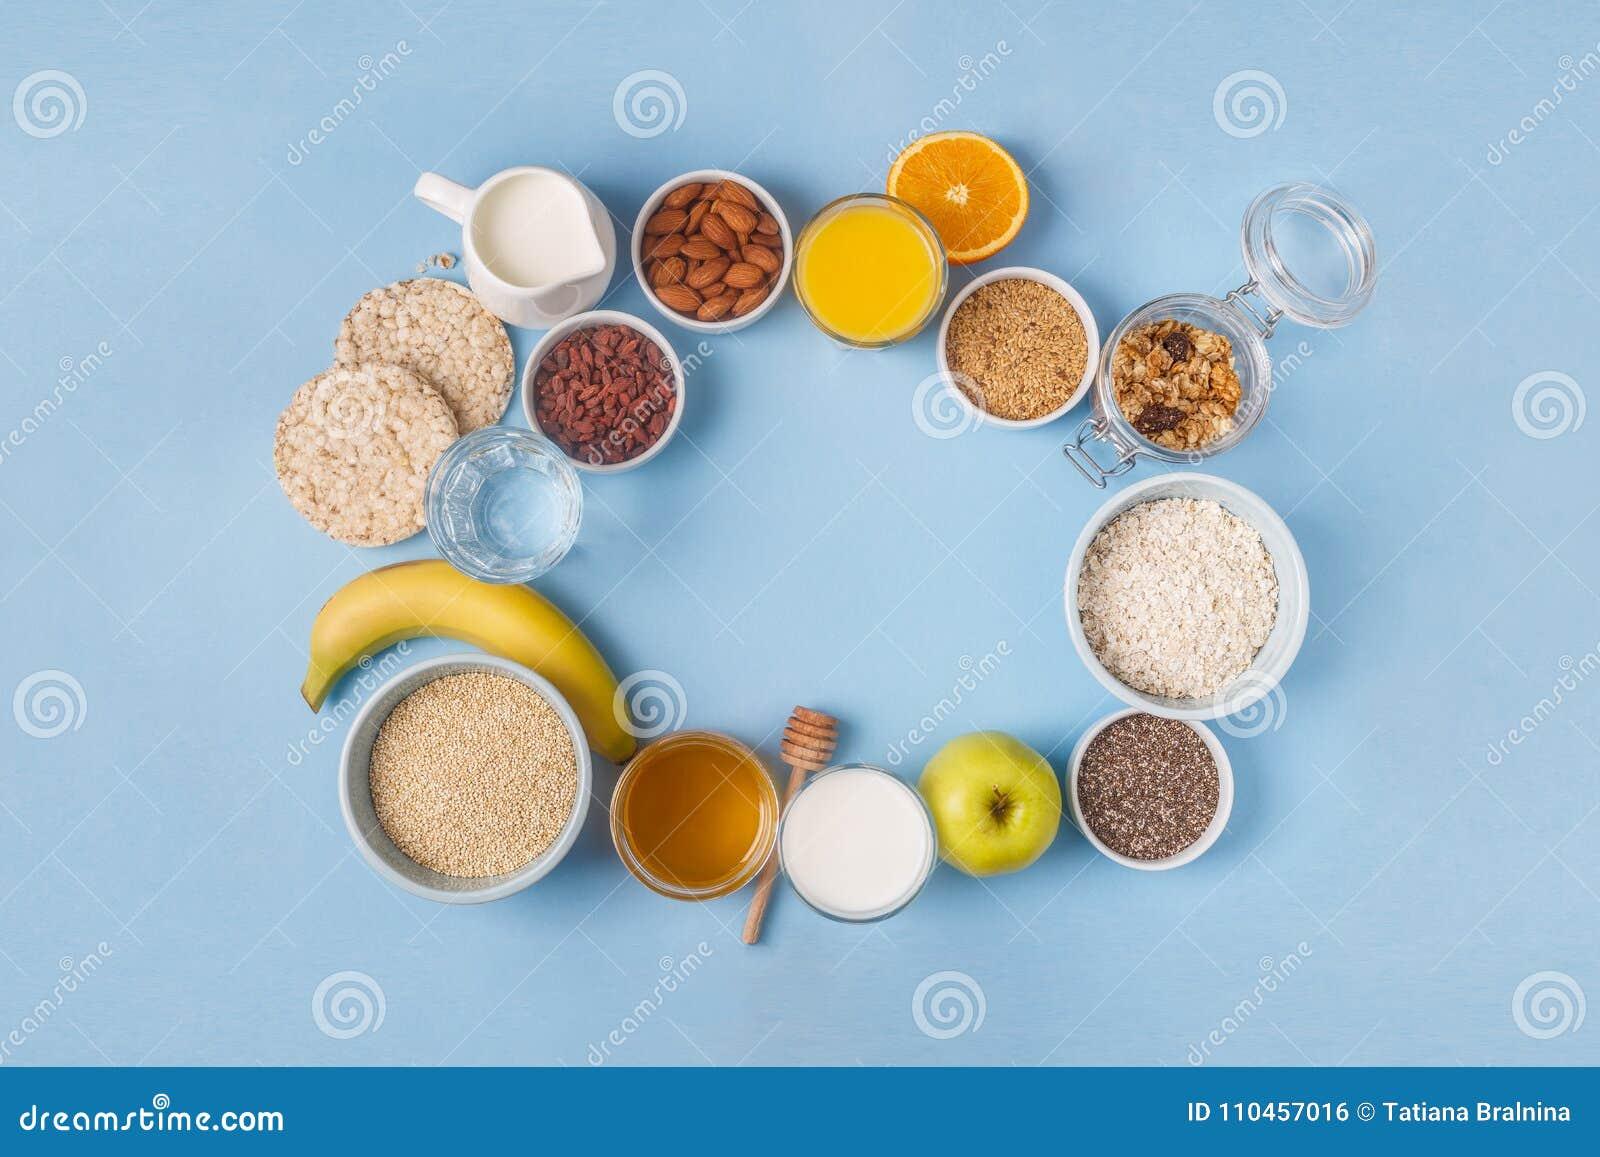 Användbar frukost på en blå pastellfärgad bakgrund